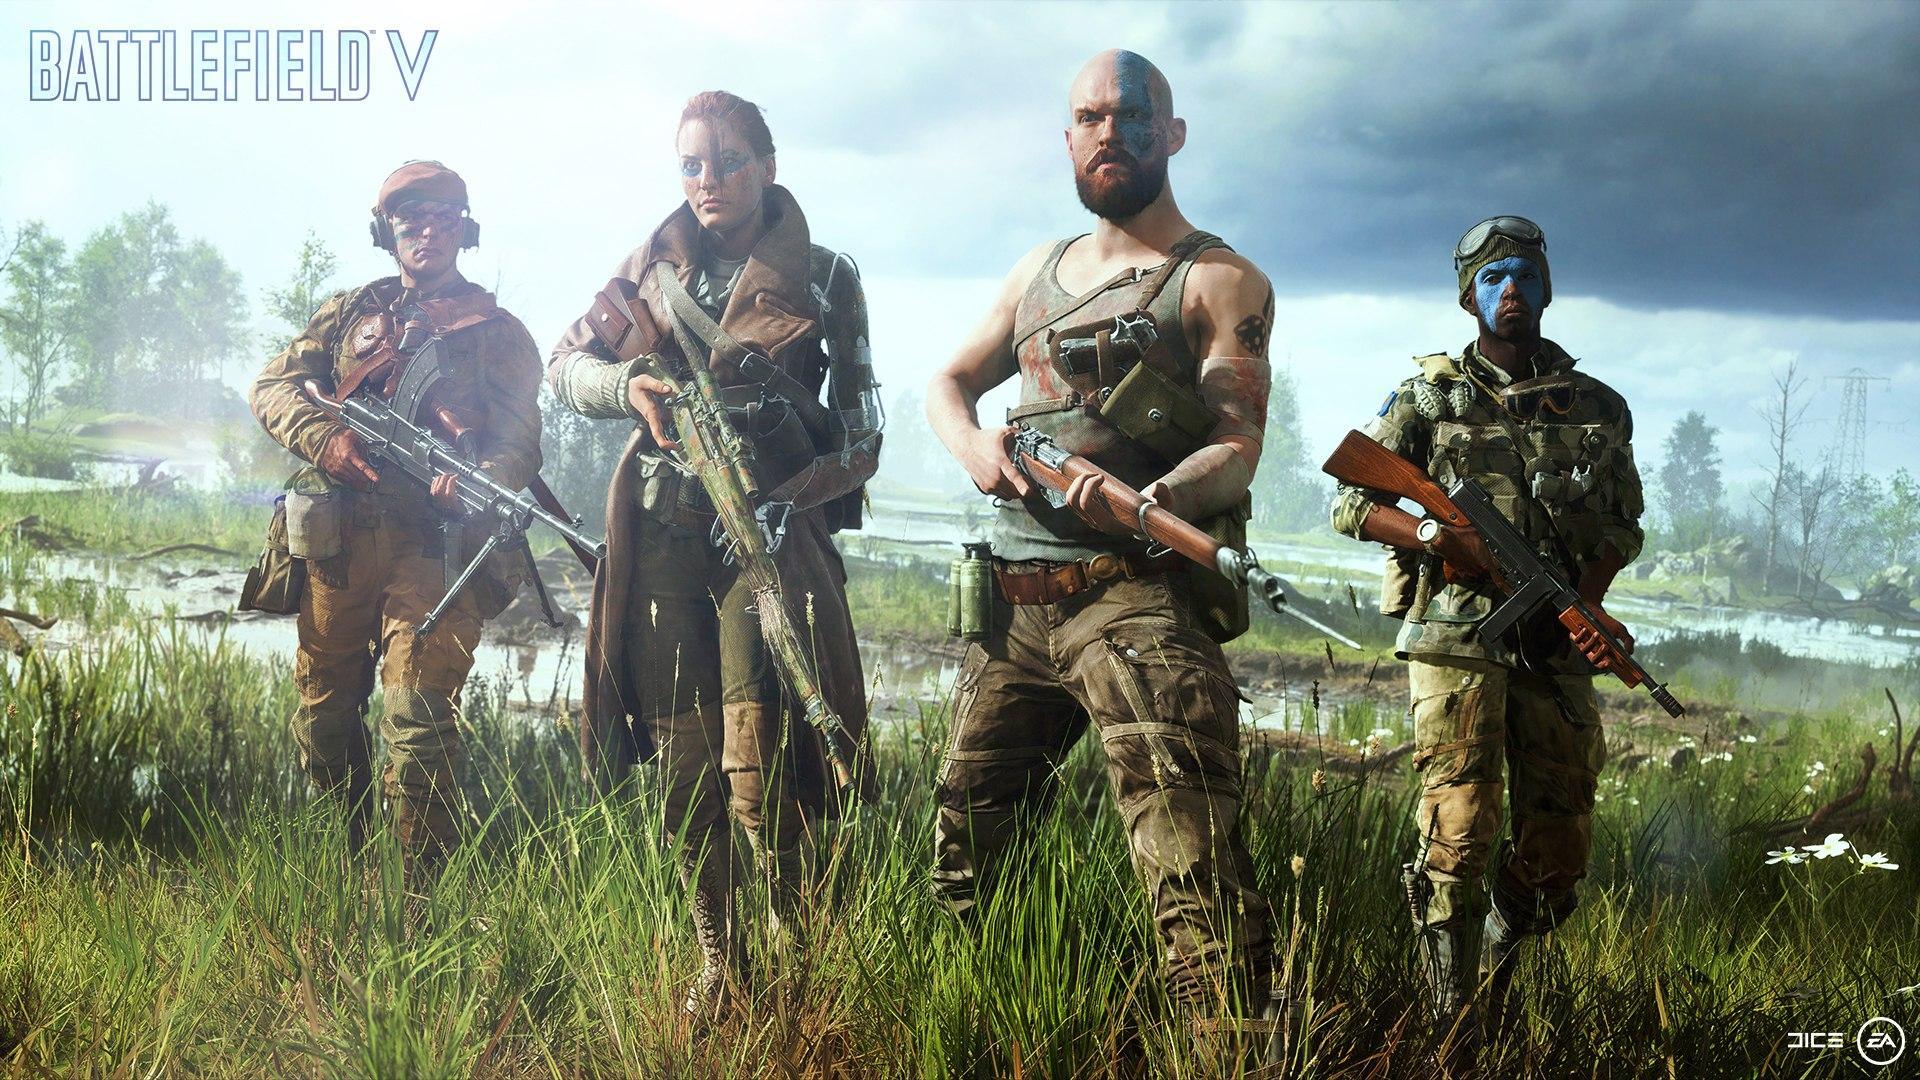 Vi strømmer Battlefield V beta 2